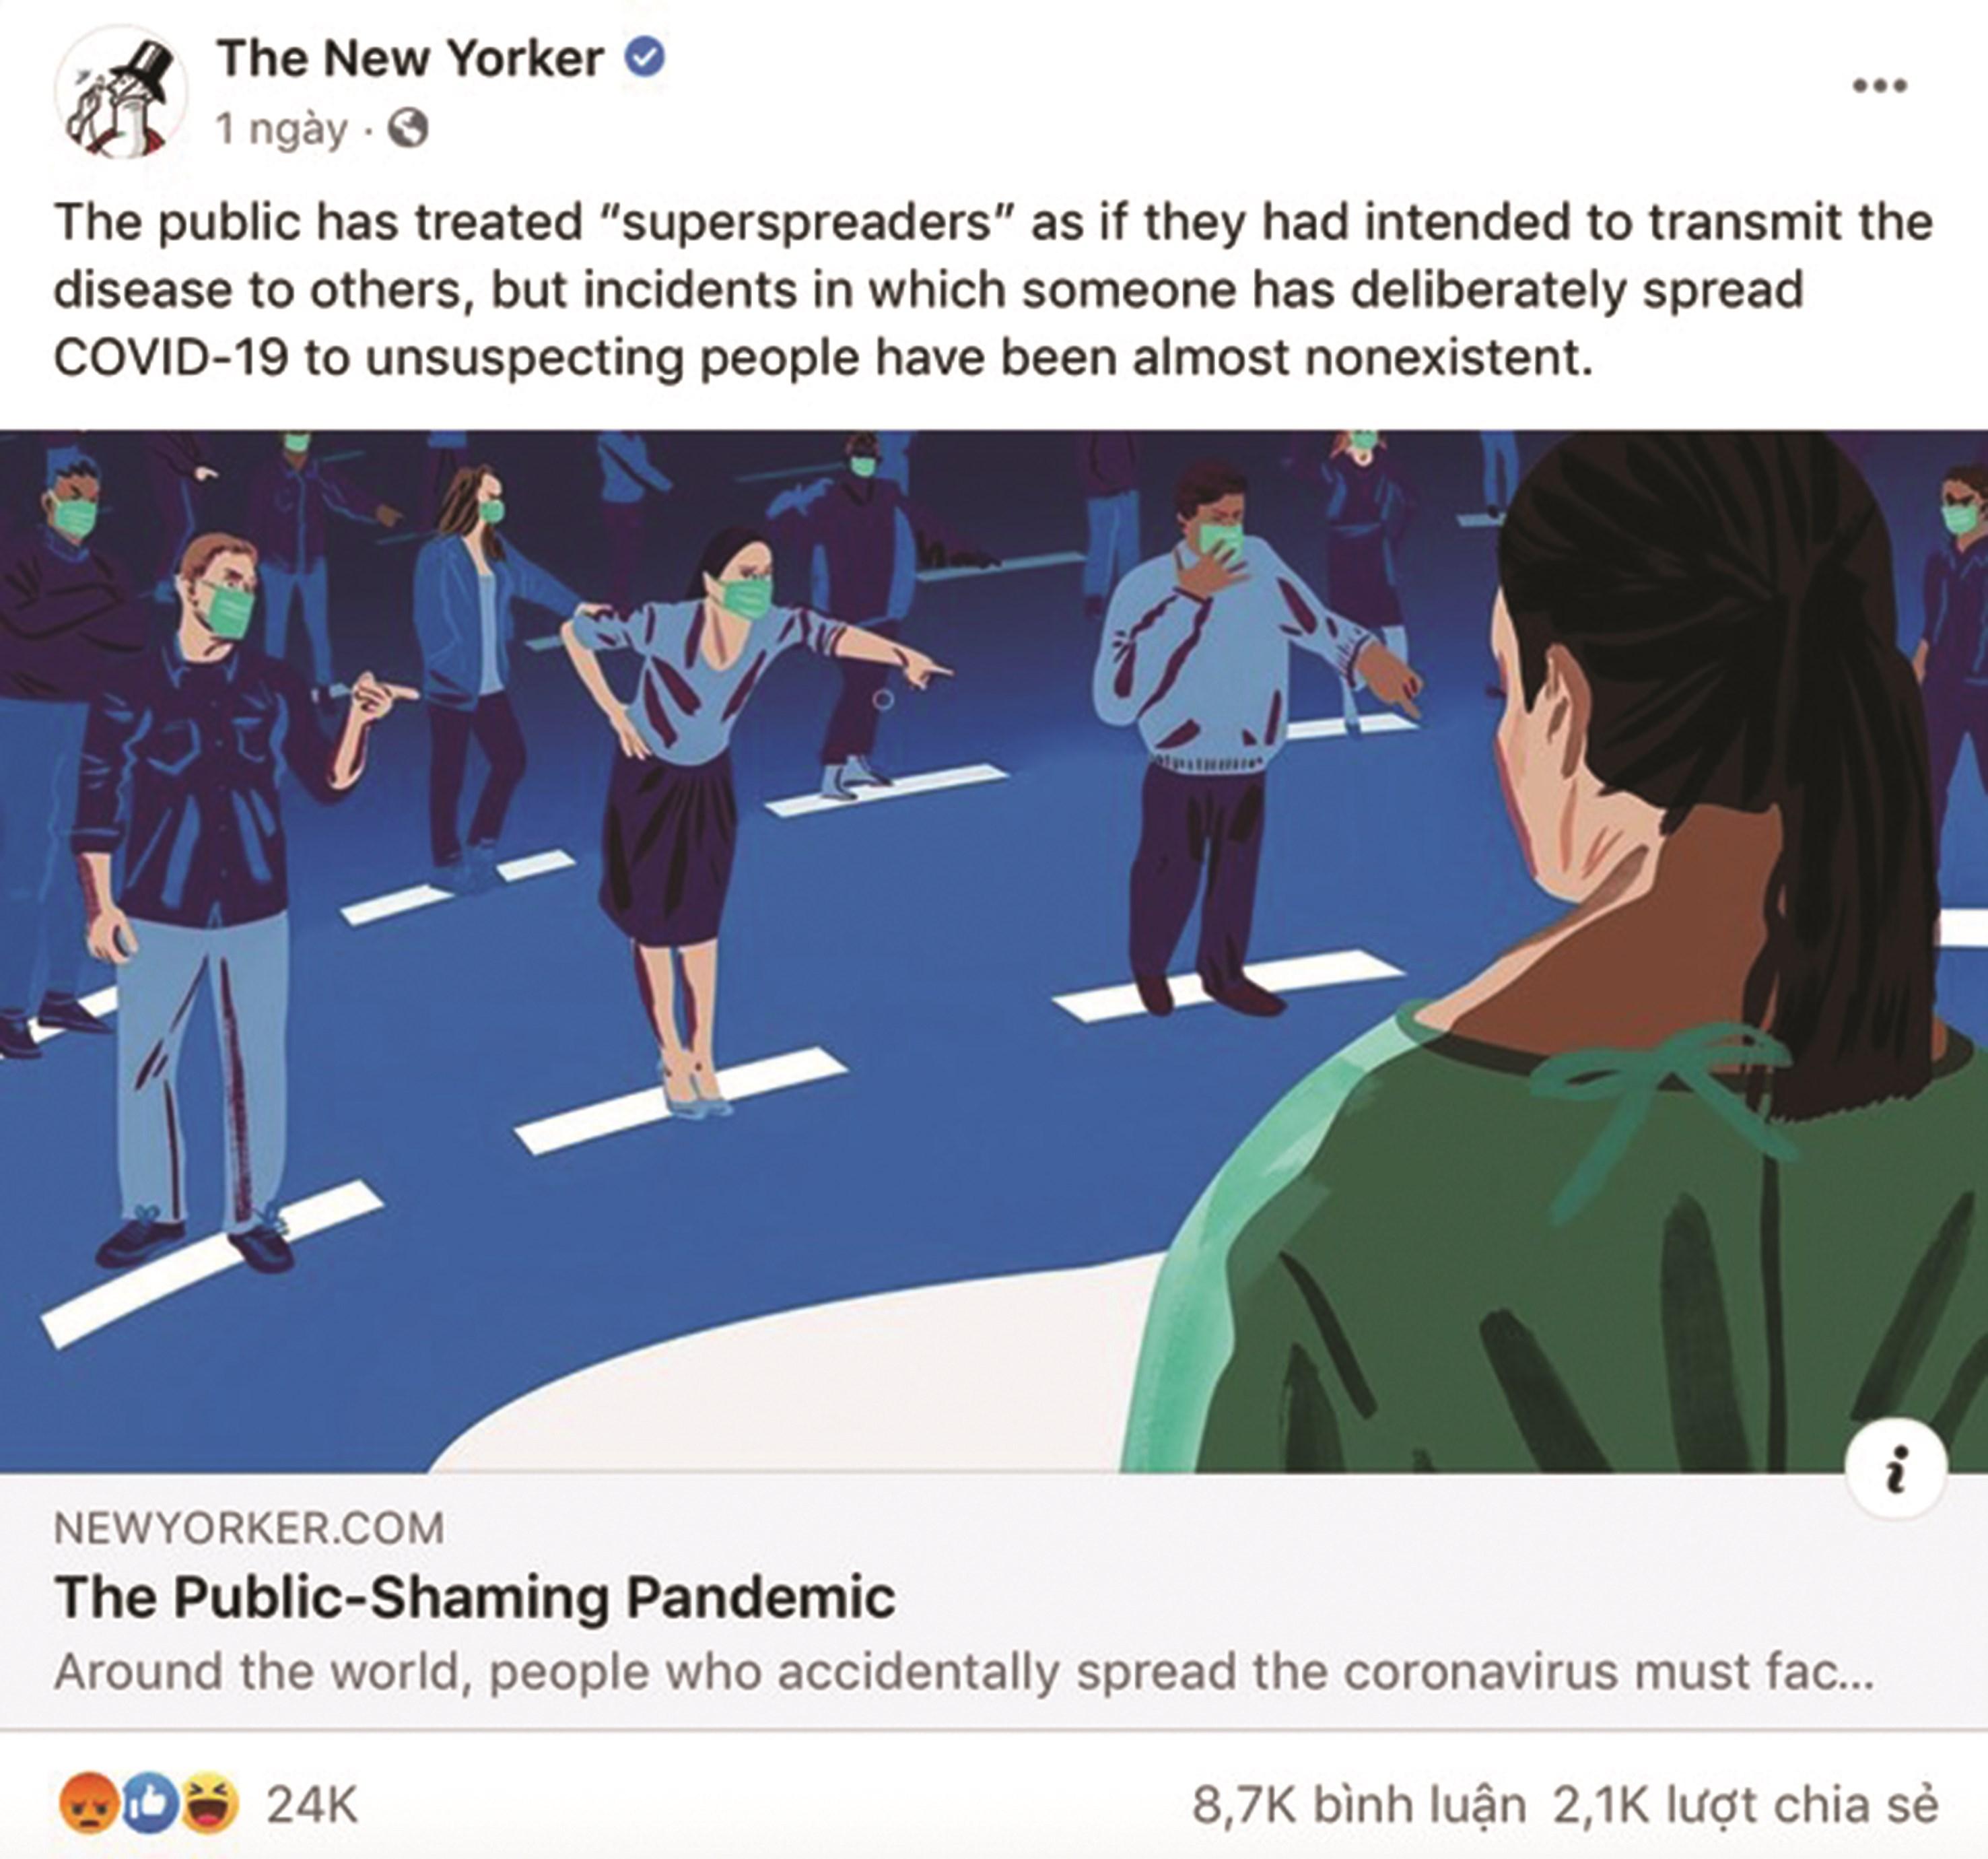 Bài đăng trên tờ The New Yorker được chia sẻ trên Facebook khiến cộng đồng mạng dậy sóng